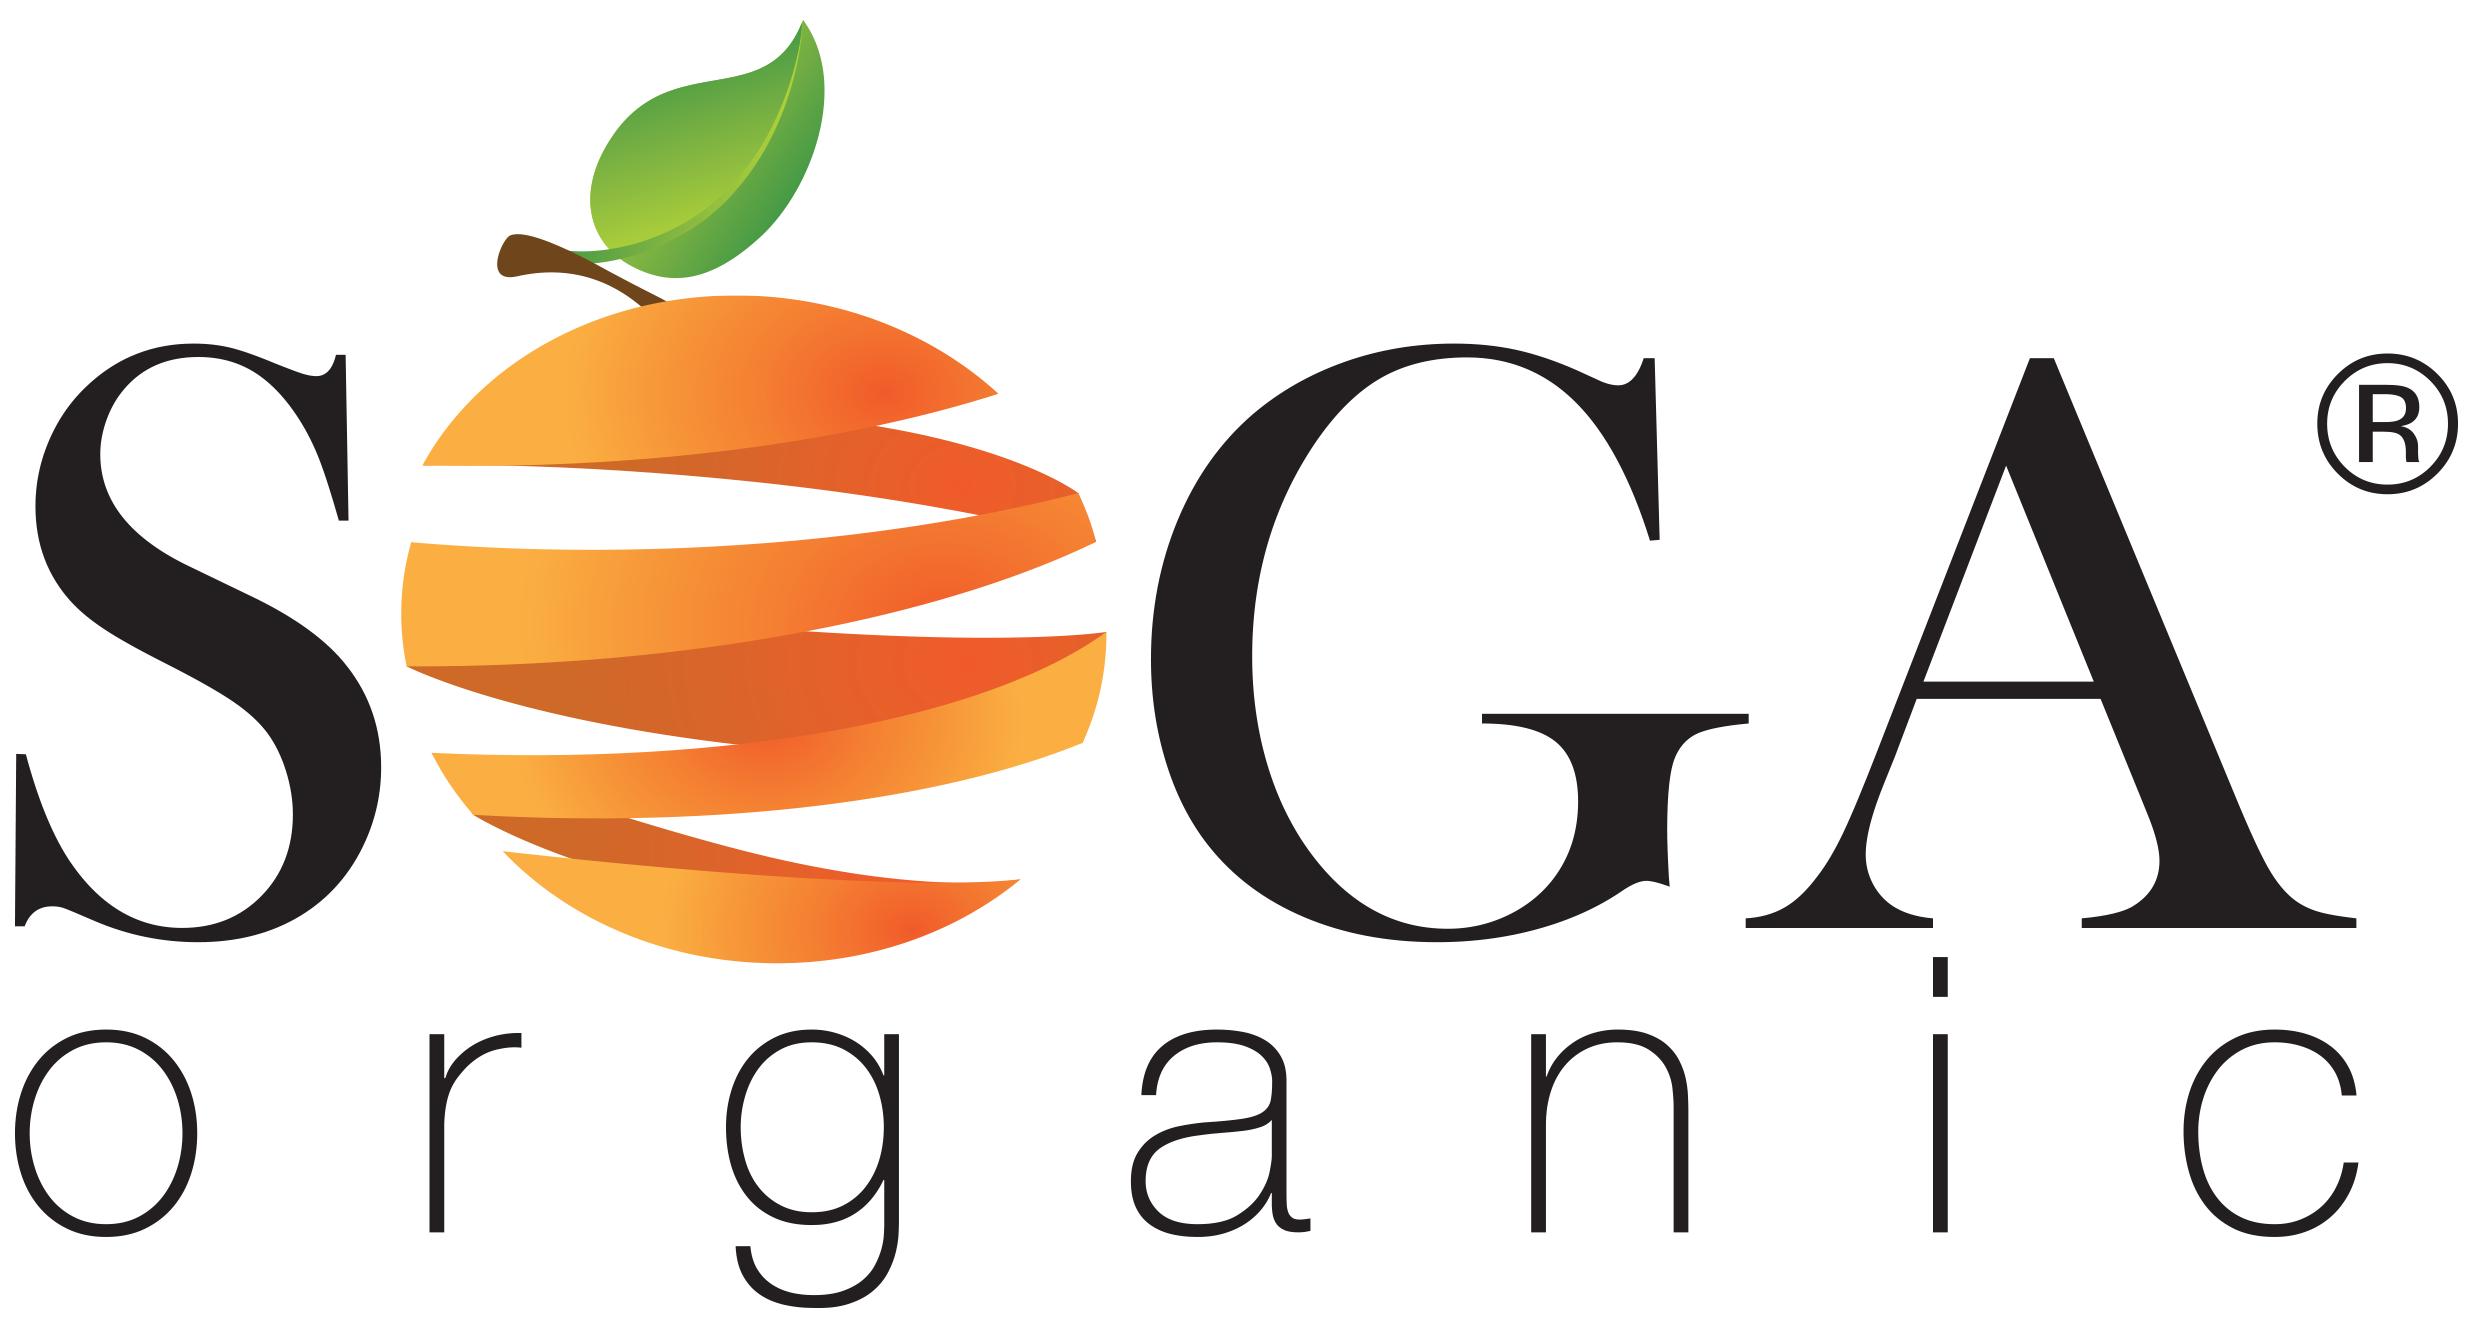 Soga Organic